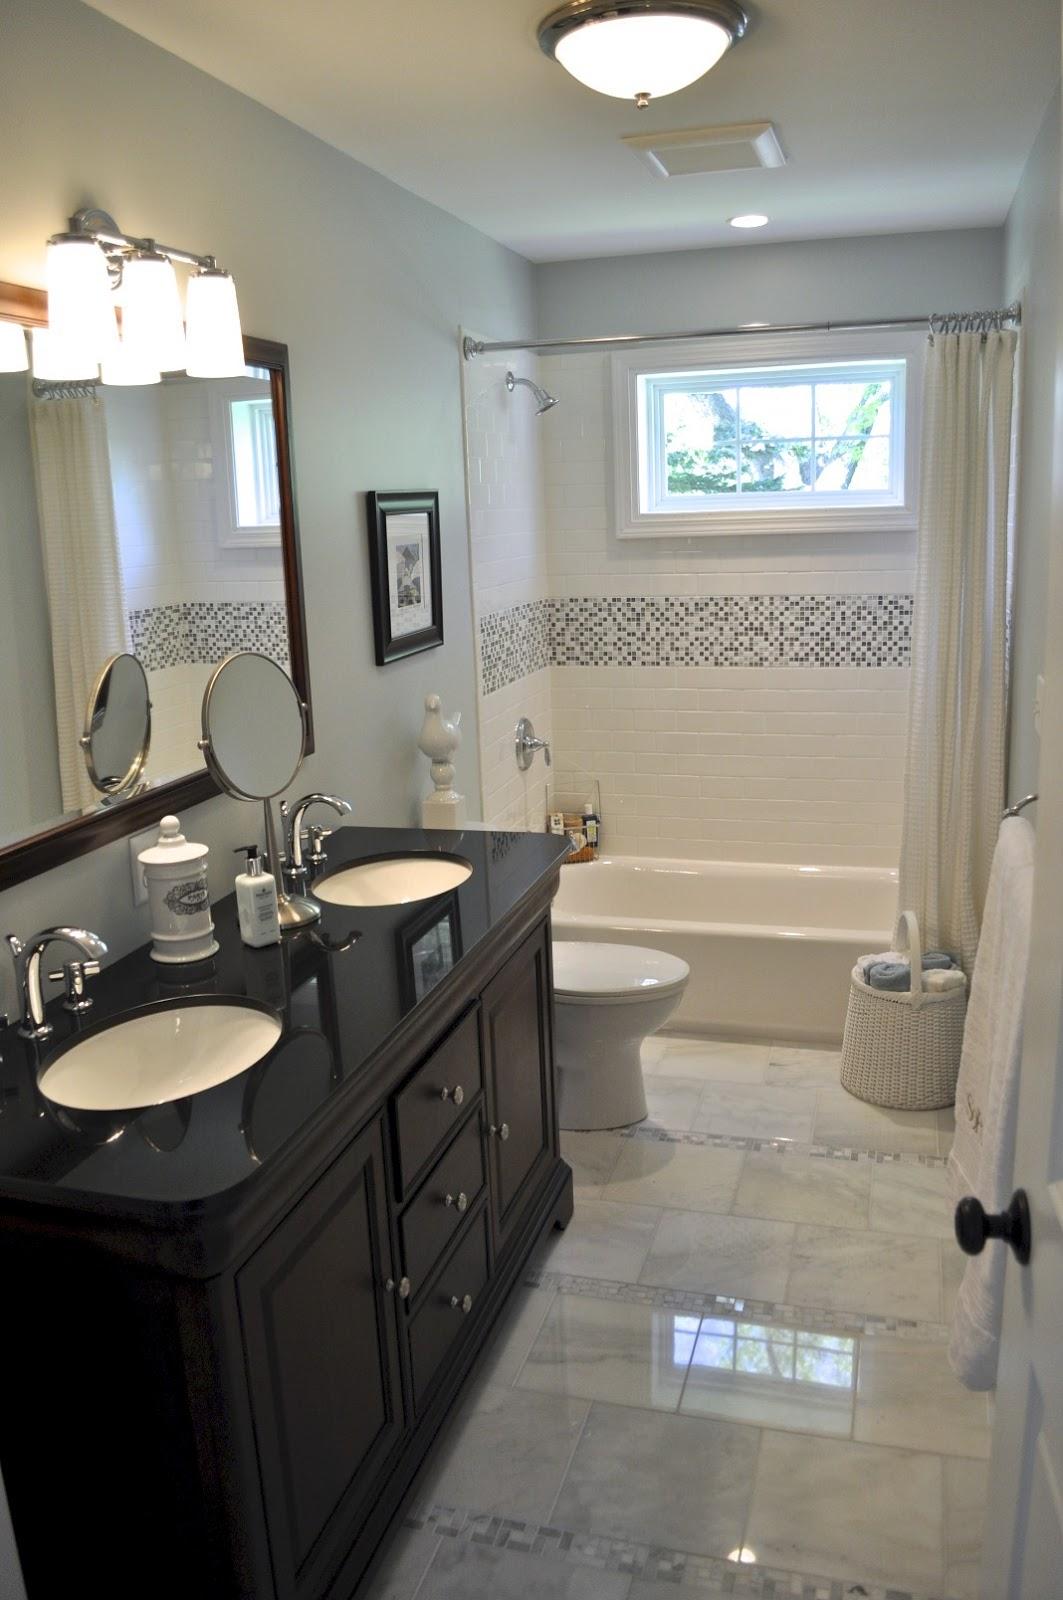 sopo cottage open house sunday june 2nd 11 3 pm. Black Bedroom Furniture Sets. Home Design Ideas